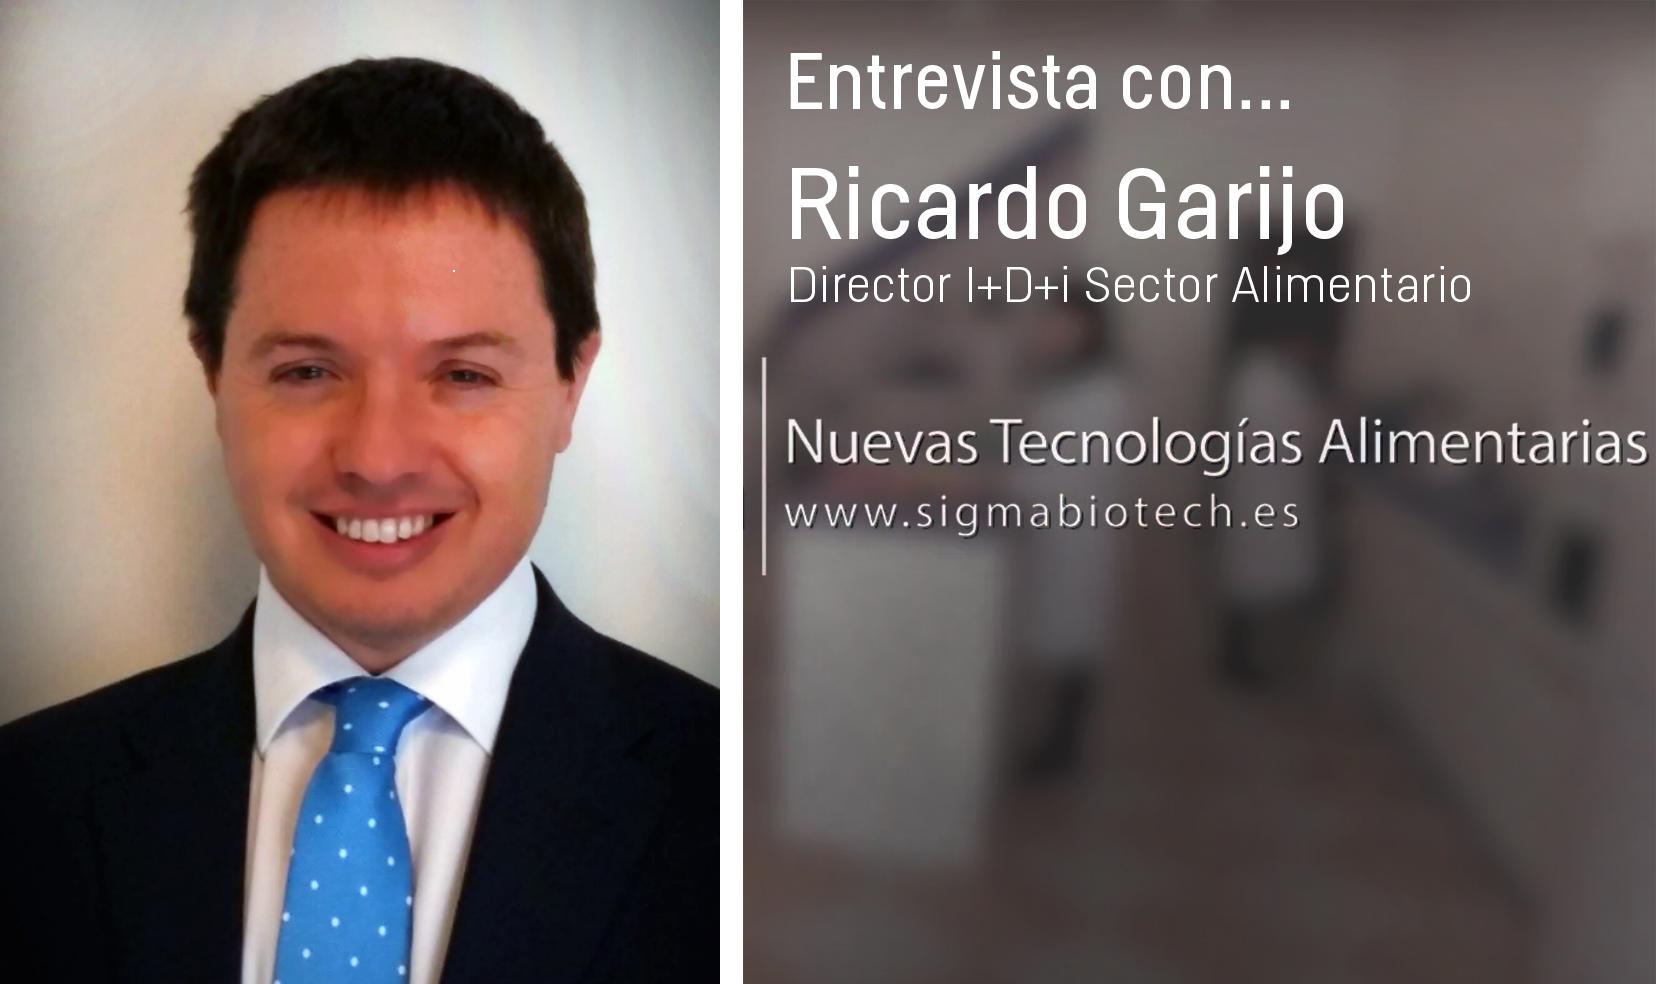 la-innovacion-se-ha-convertido-motor-del-negocio-entrevista-ricardo-garijo-director-idi-del-sector-alimentario